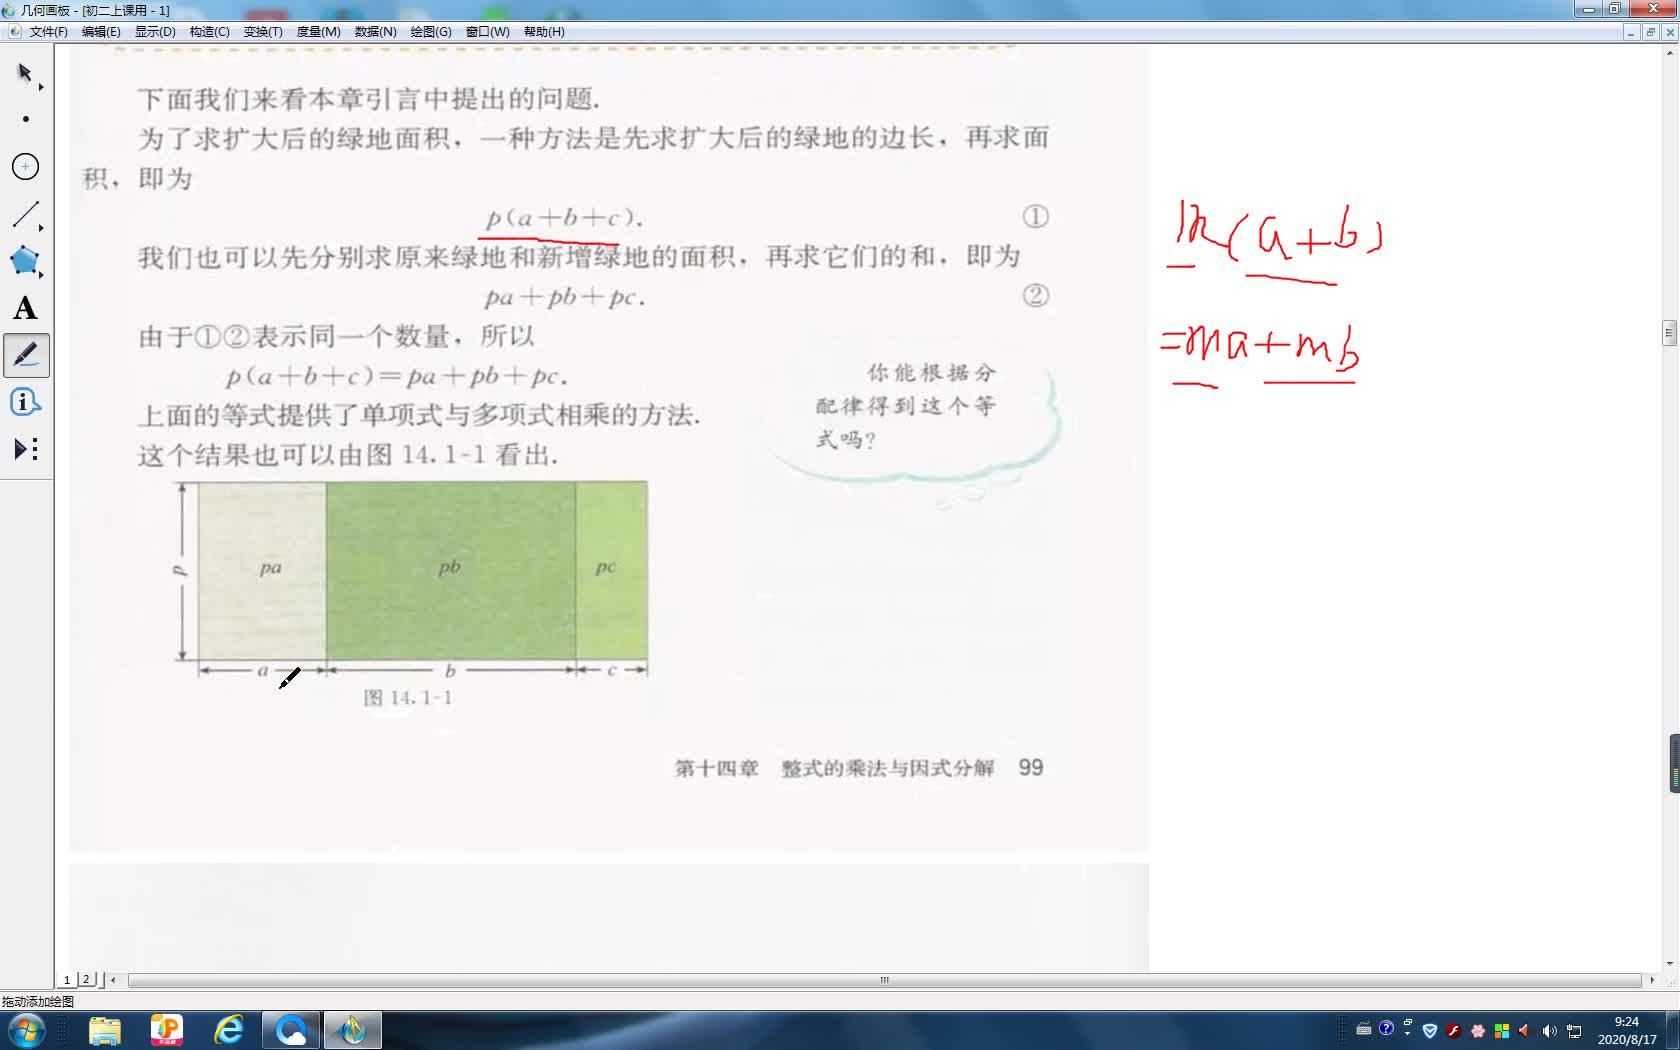 14.1.4整 式乘法(2)[来自e网通极速客户端]人教版八年级上册 14.1.4整式乘法(2) 视频讲解人教版八年级上册 14.1.4整式乘法(2) 视频讲解